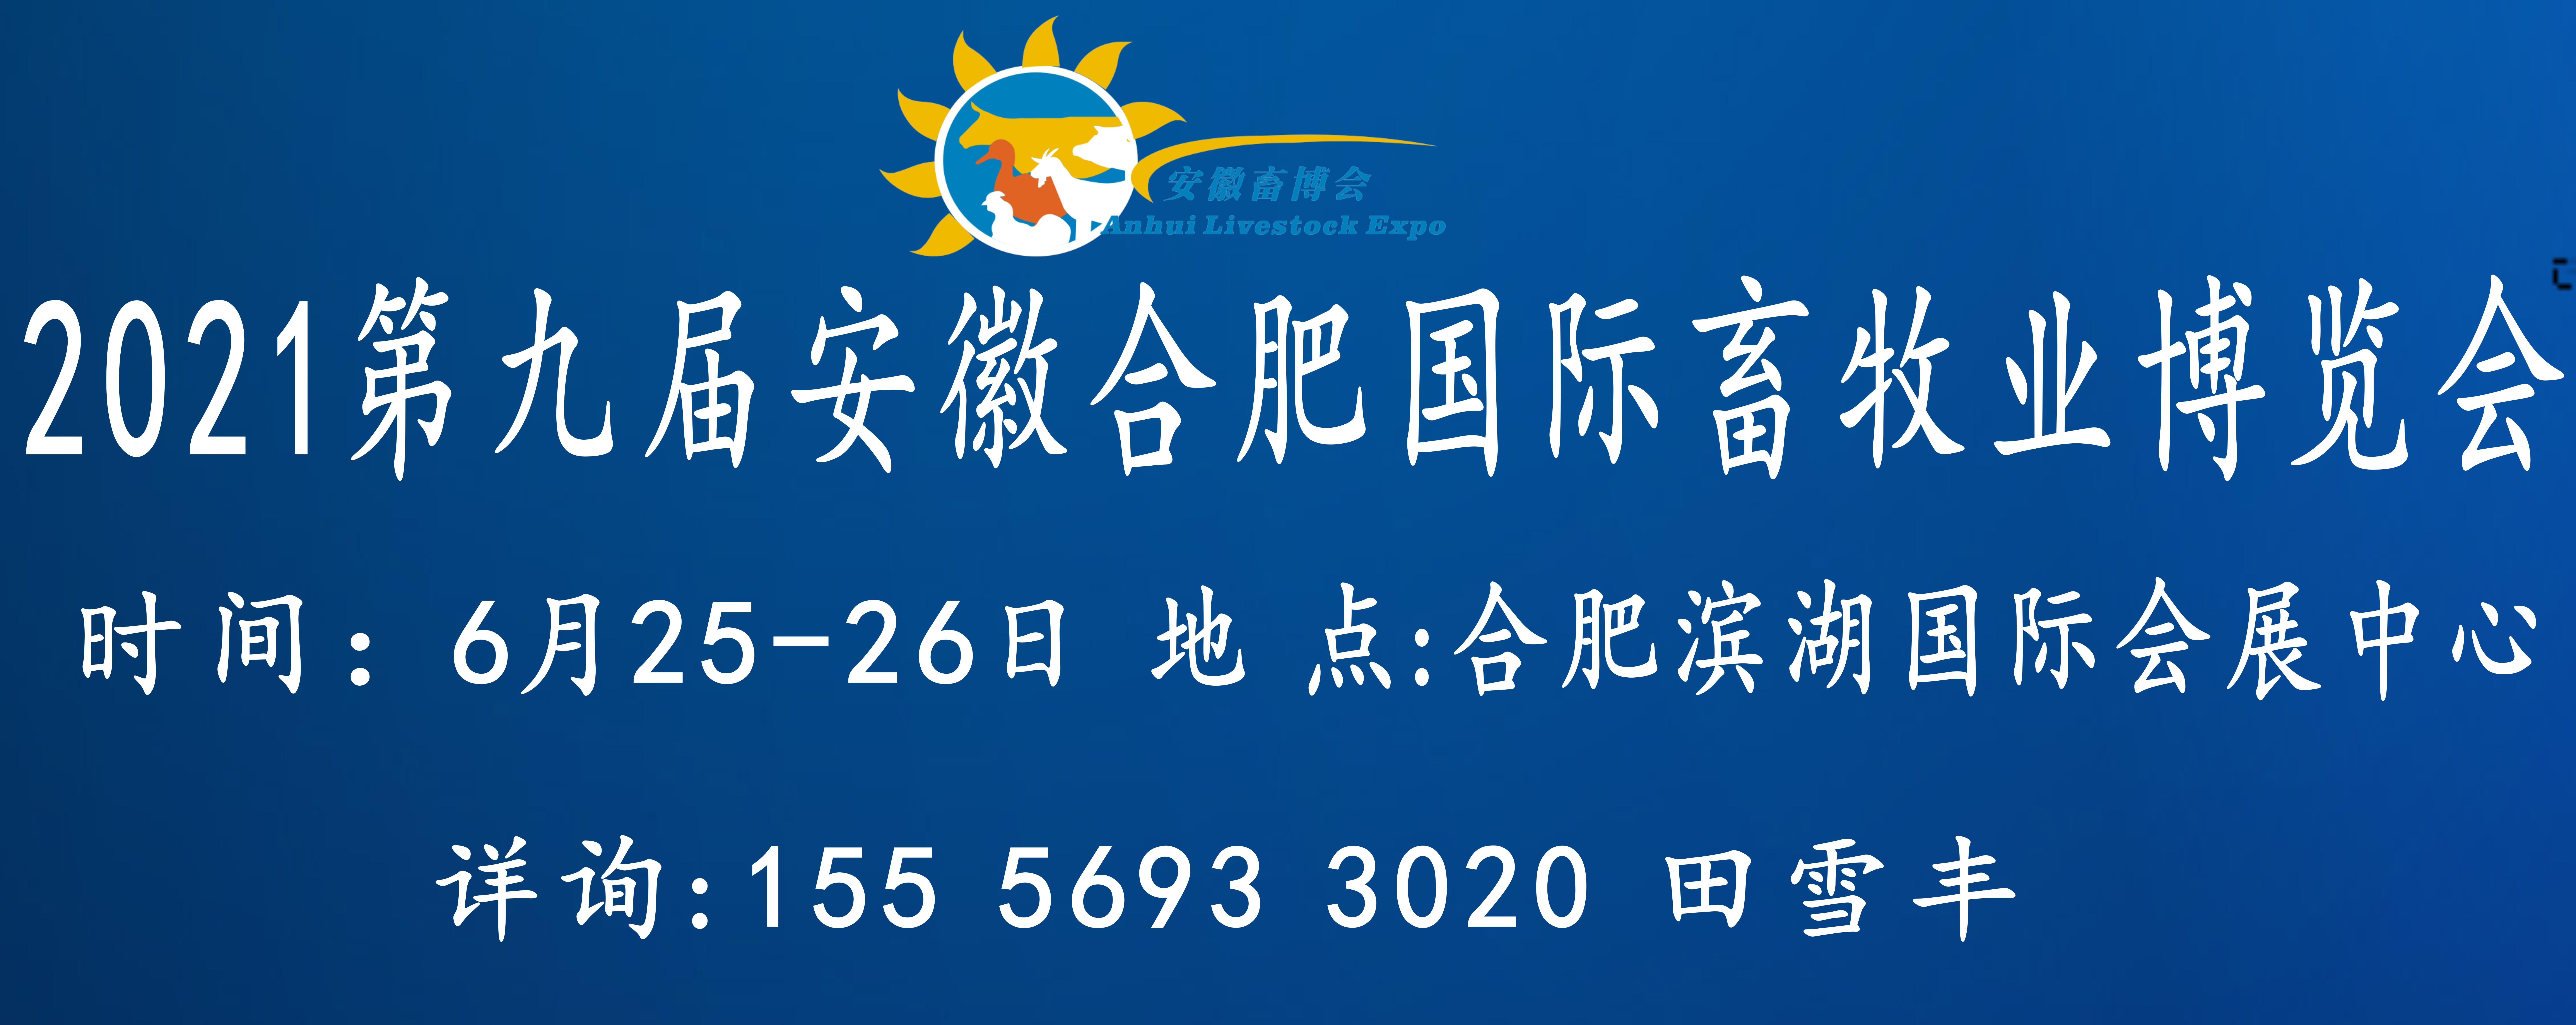 2021第九届安徽(合肥)国际畜牧业博览会